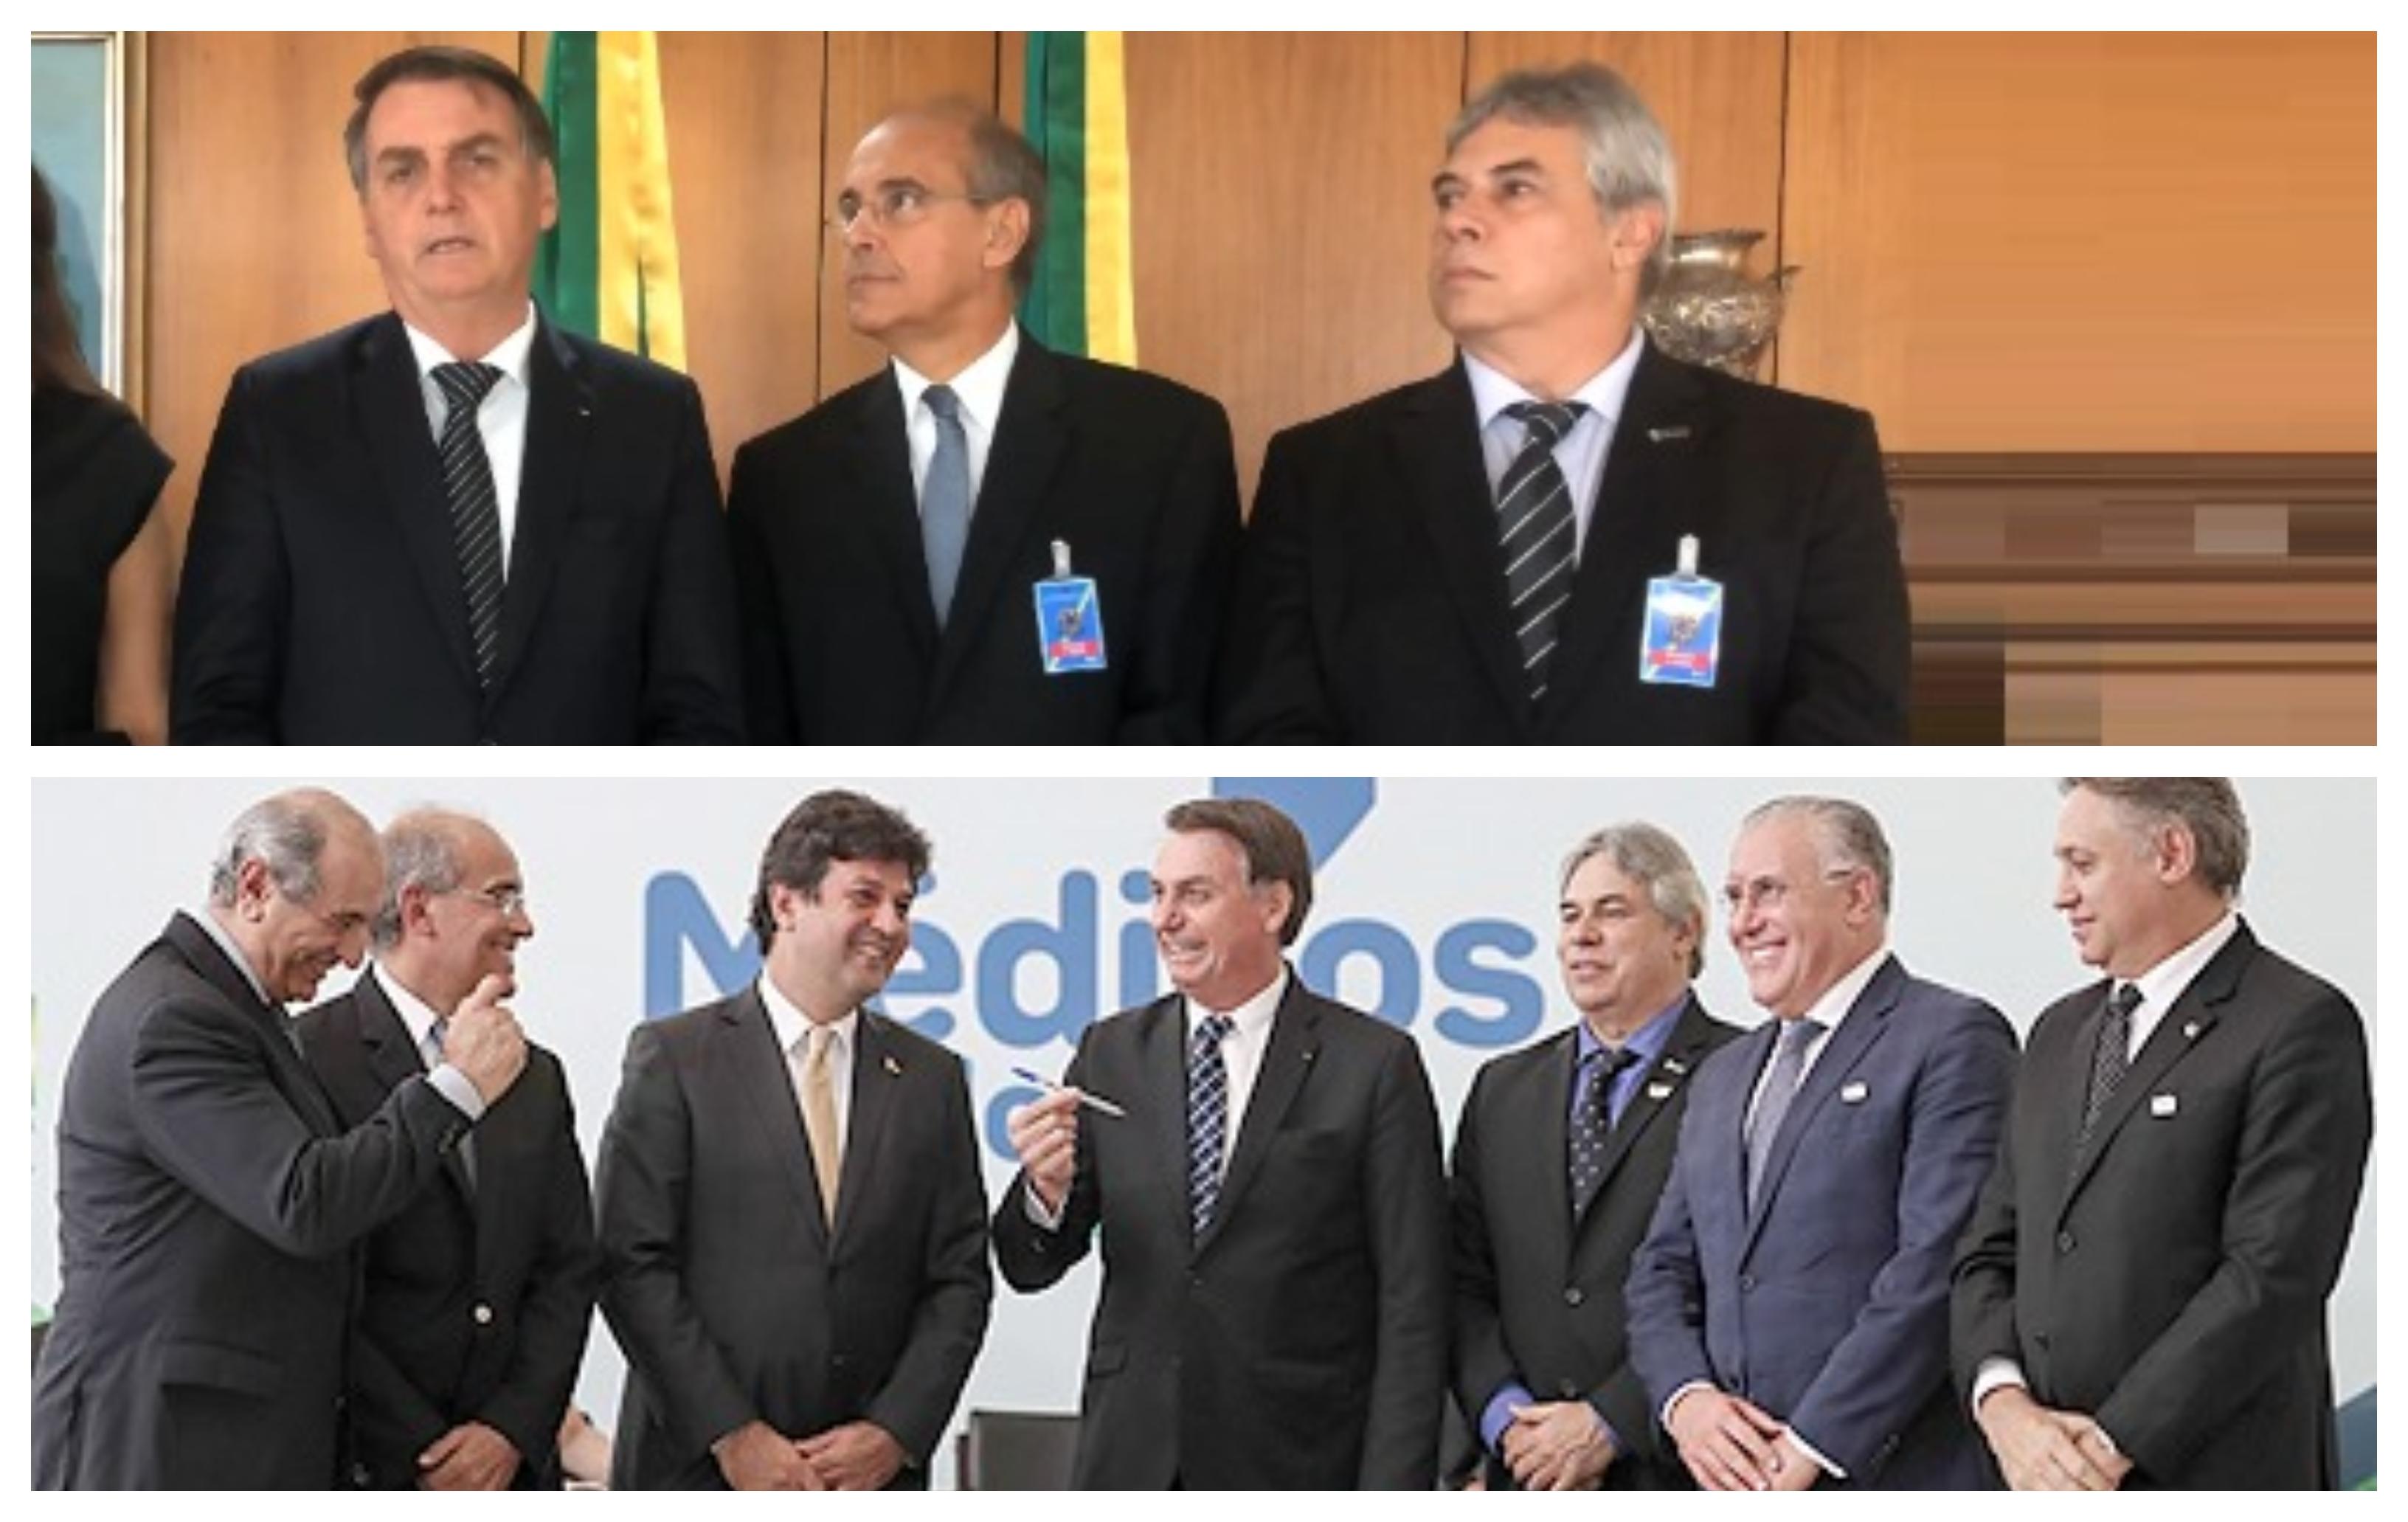 Médicos pela Democracia condenam fala de Bolsonaro e cobram Conselho Federal e Associação Médica Brasileira